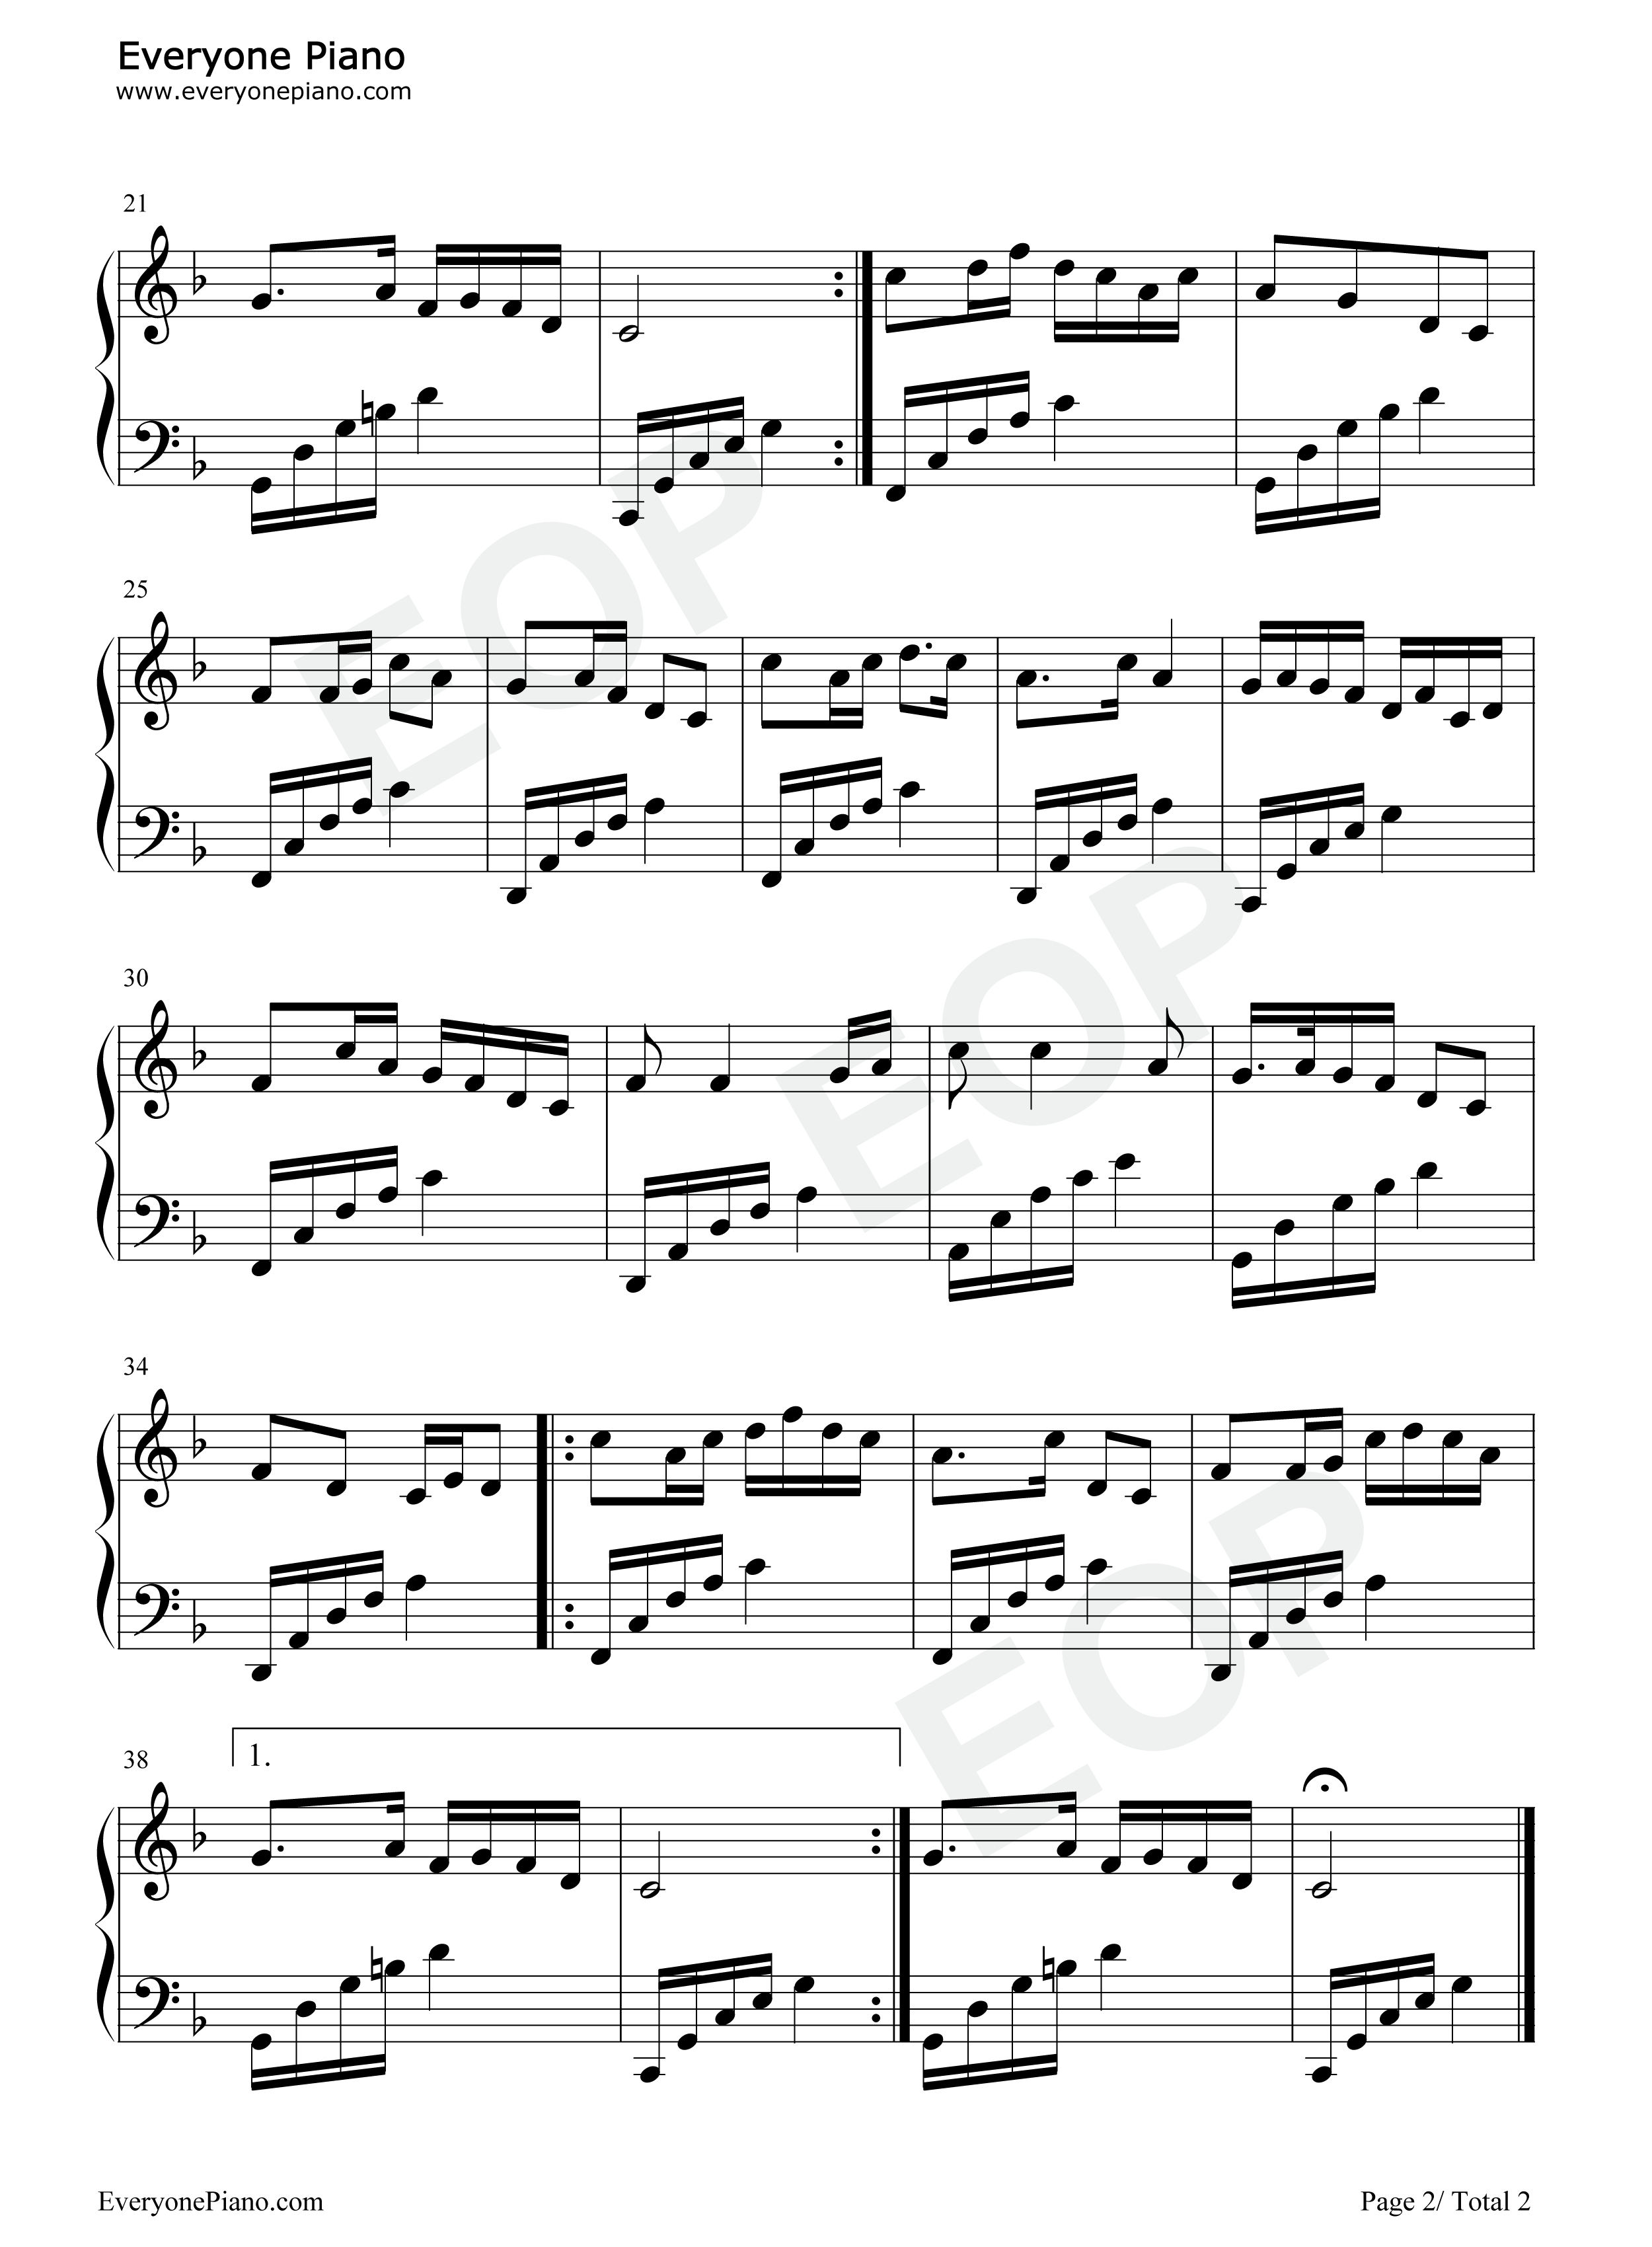 浏阳河五线谱预览2-钢琴谱(五线谱,双手简谱)免费下载